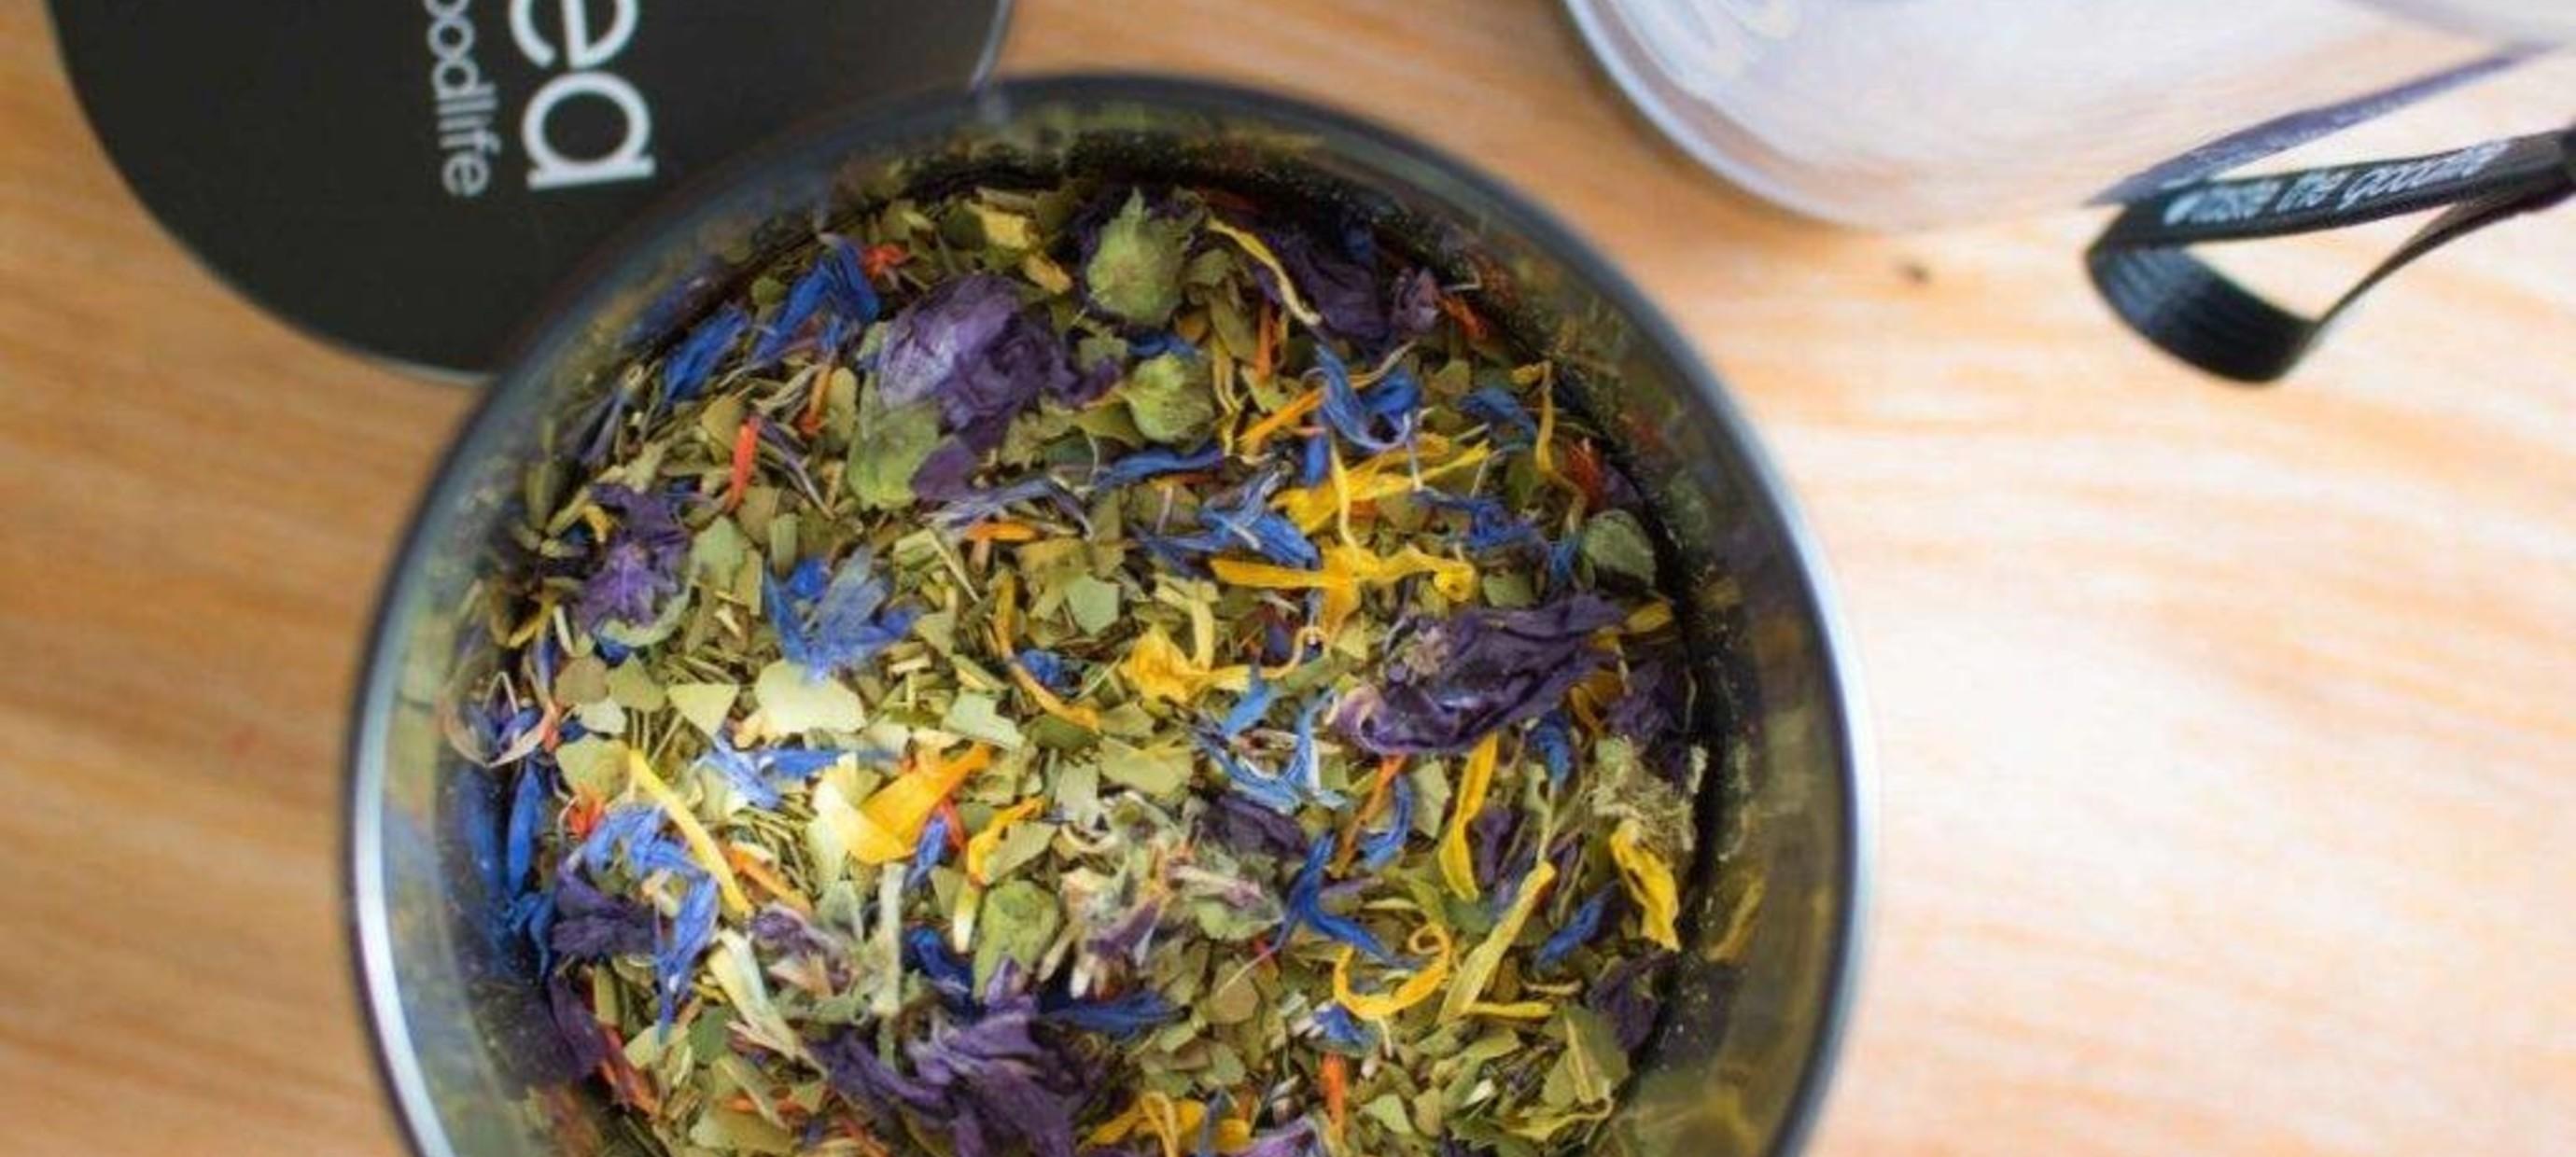 Die Magie von Tee